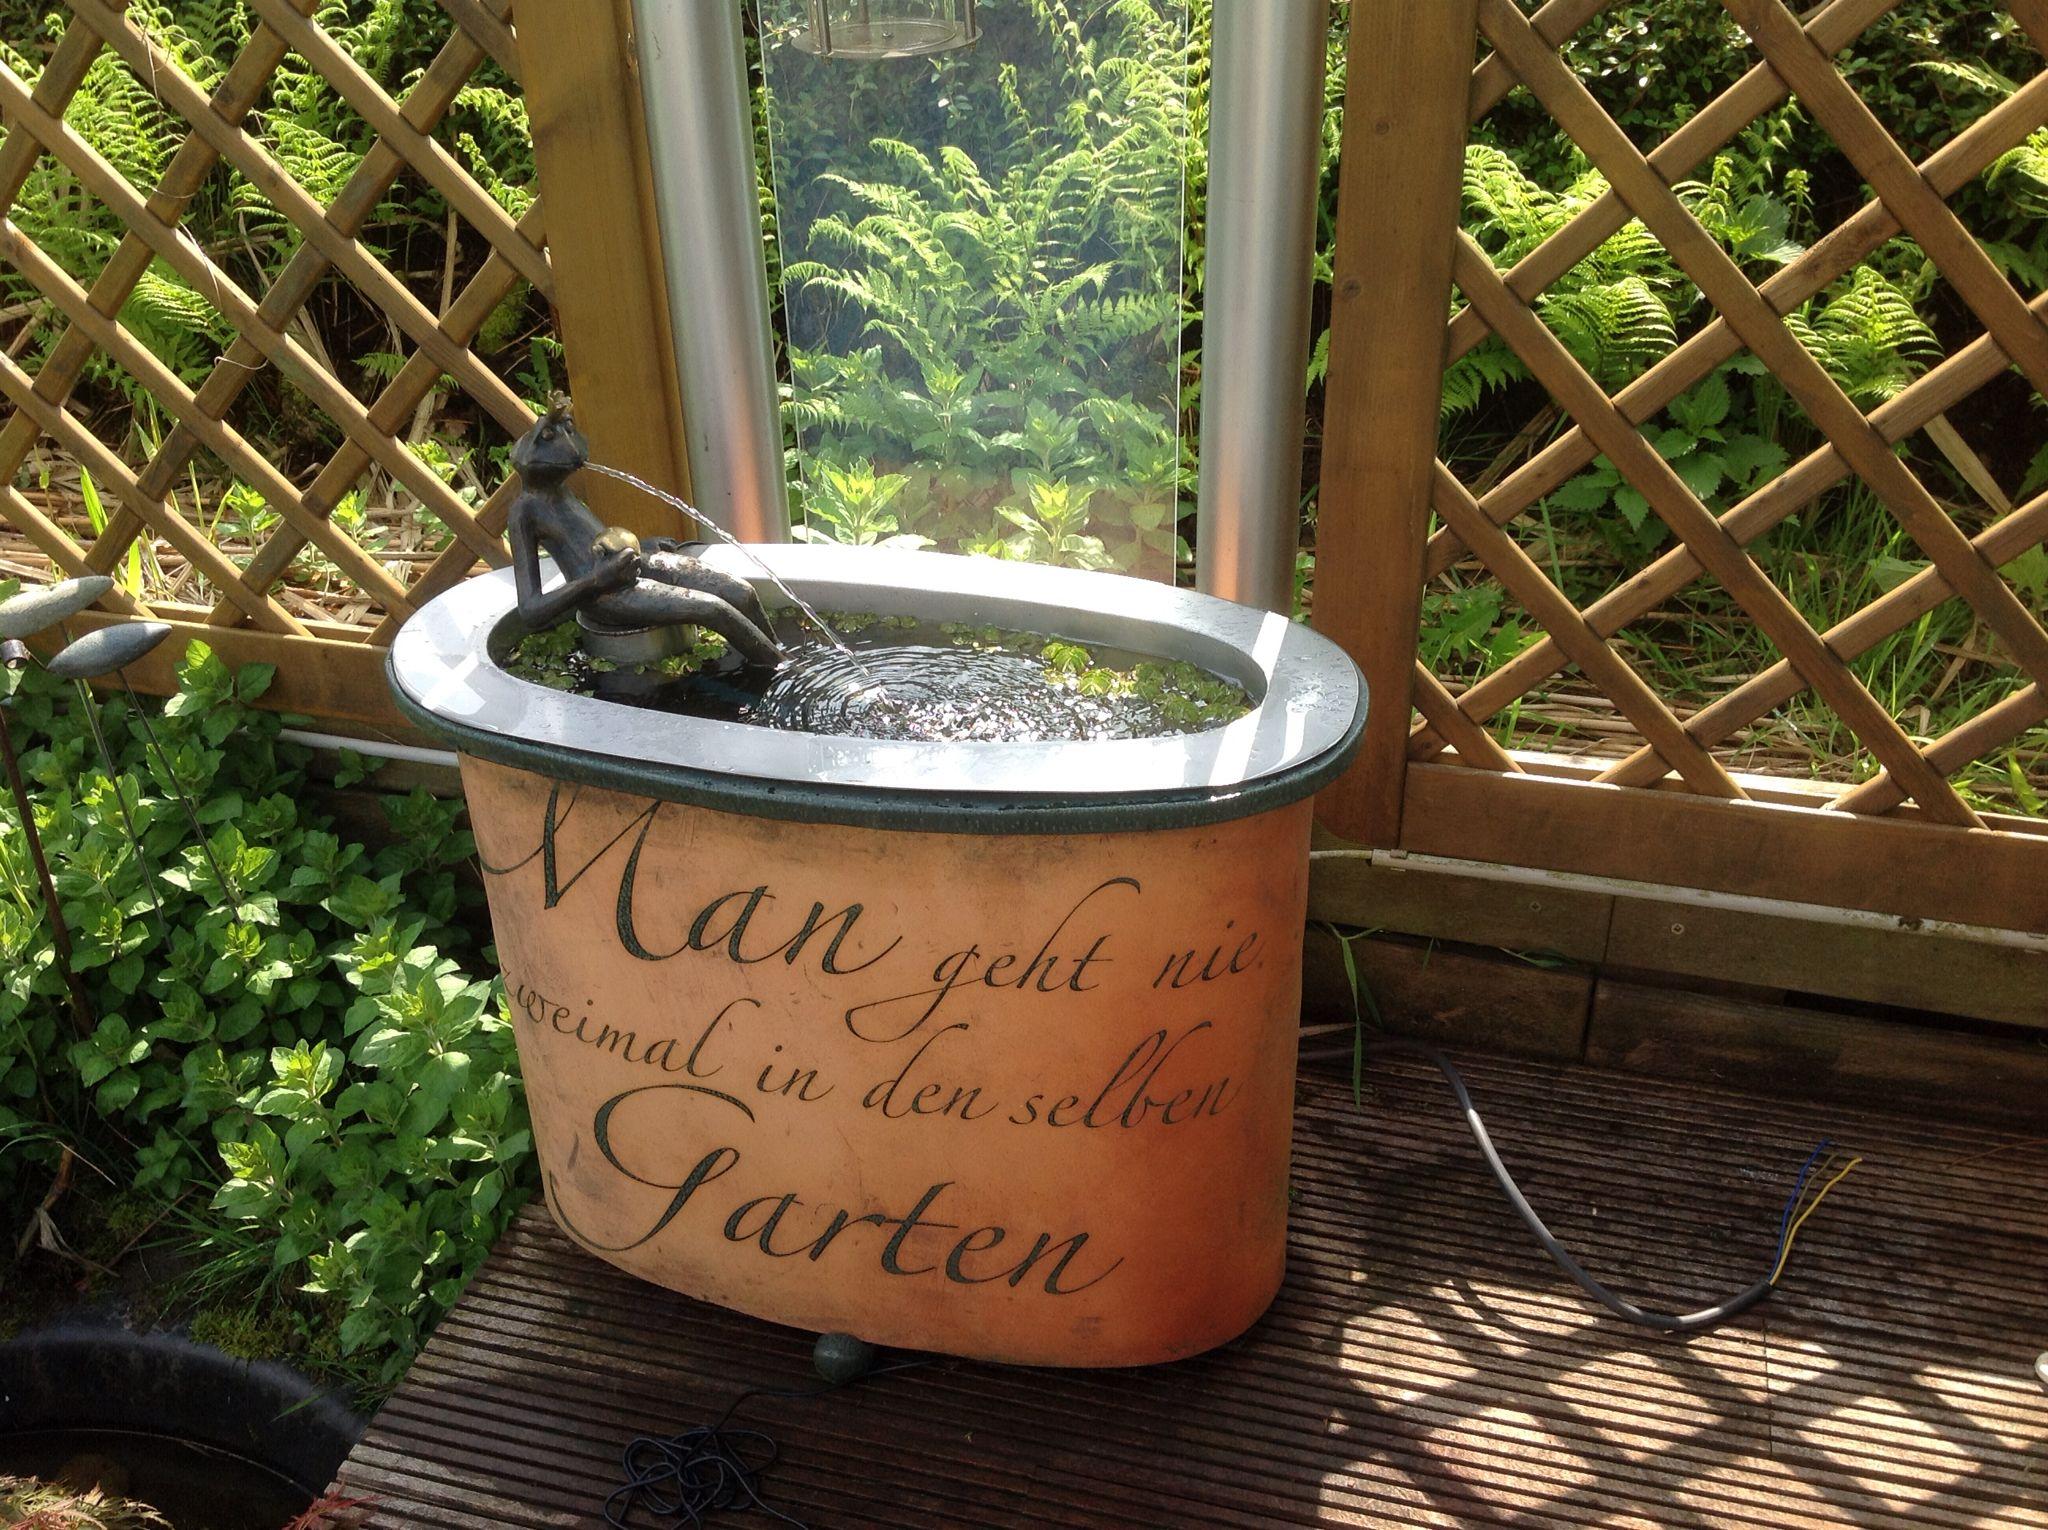 Man Geht Nie Zweimal In Den Selben Garten Garten